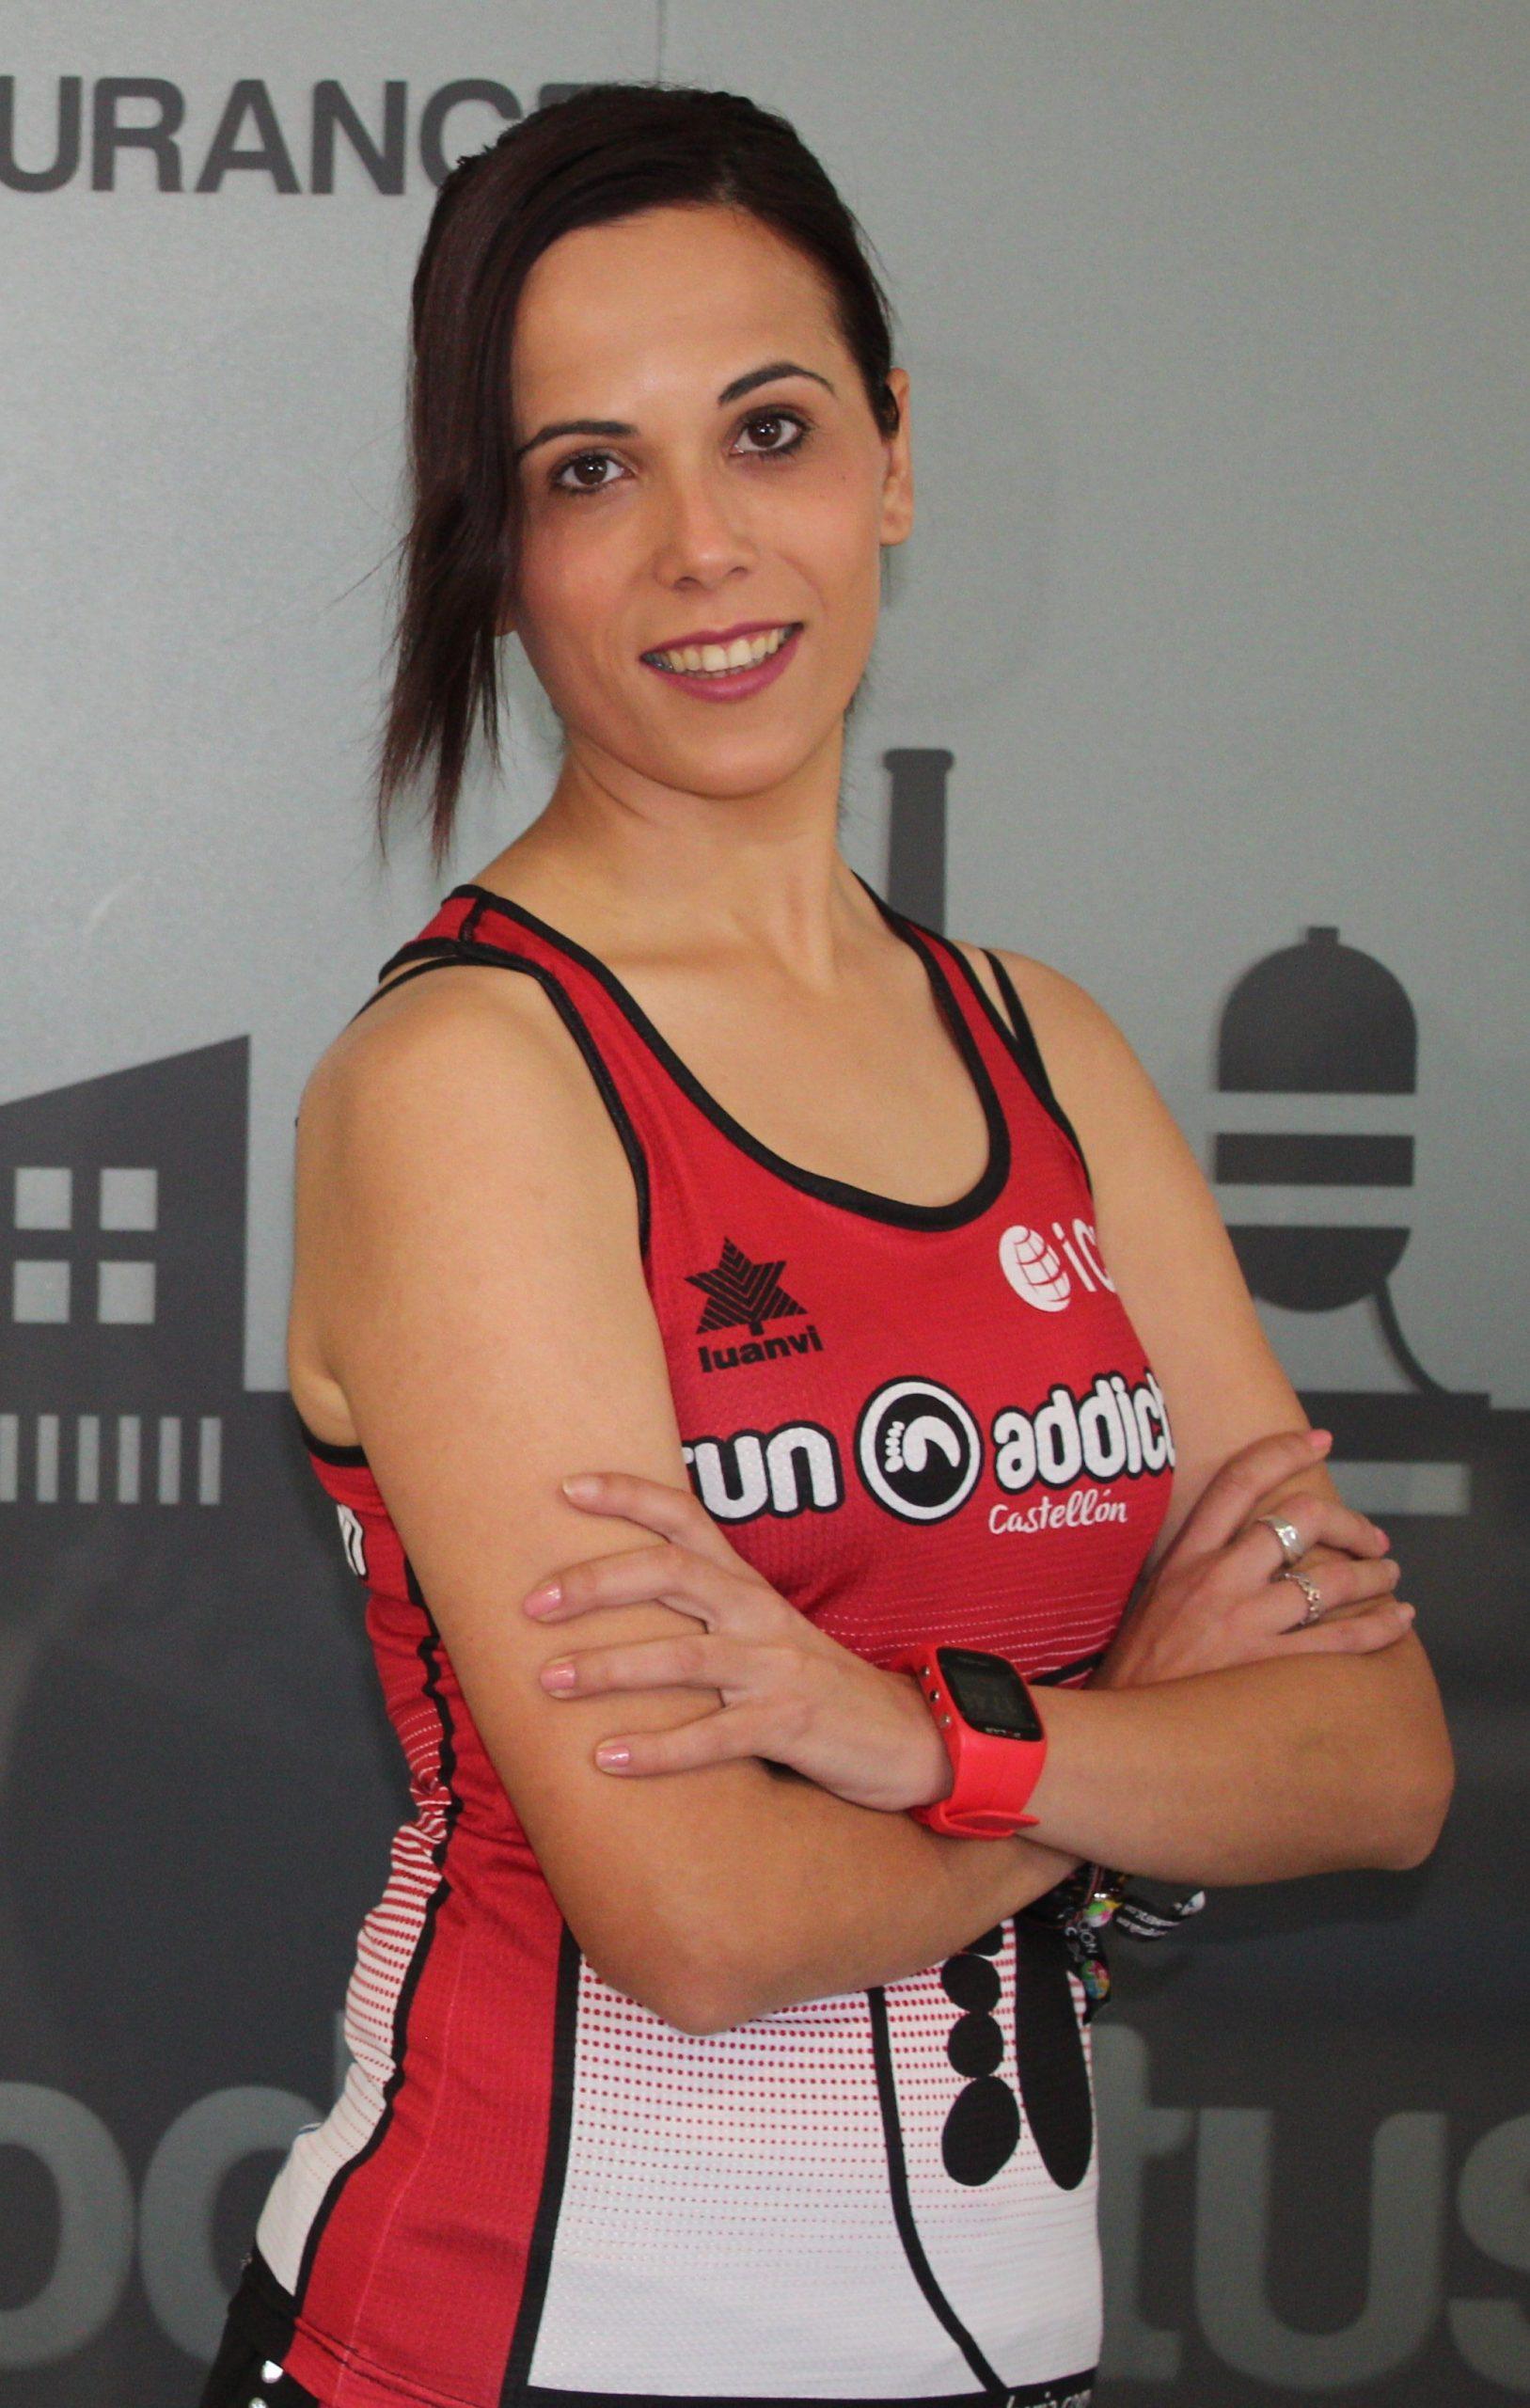 Maria Caballer